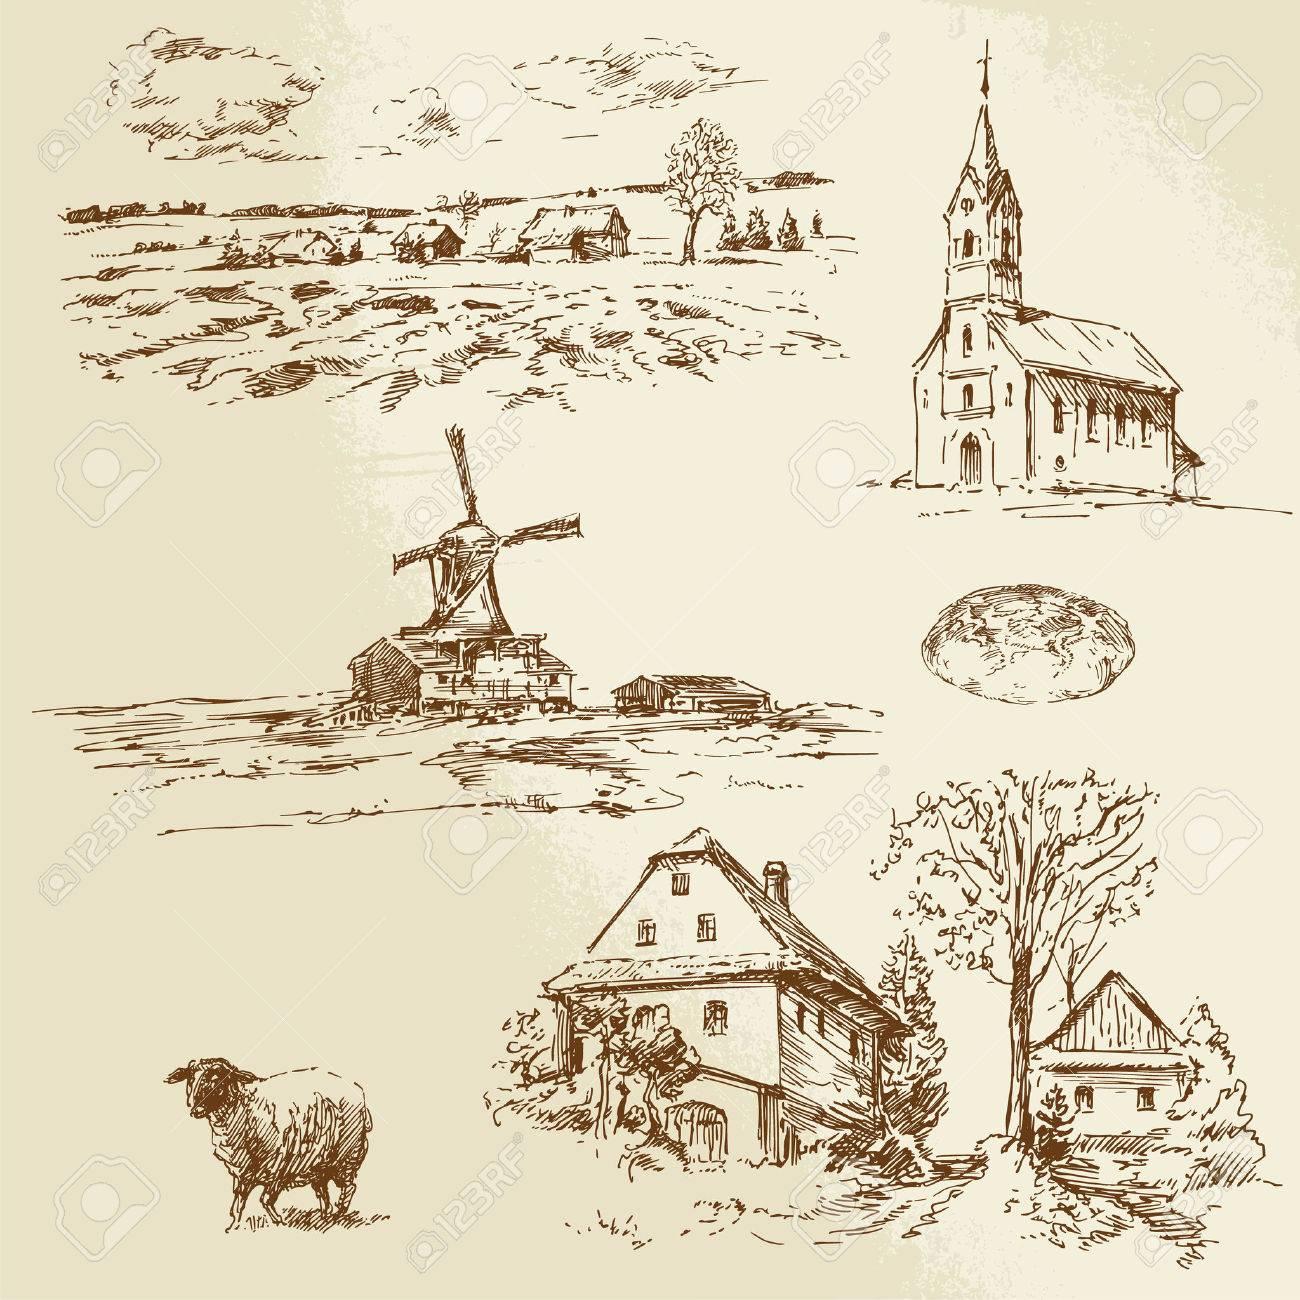 ländliche Landschaft, Hof - Hand gezeichnete Illustration Standard-Bild - 25307610